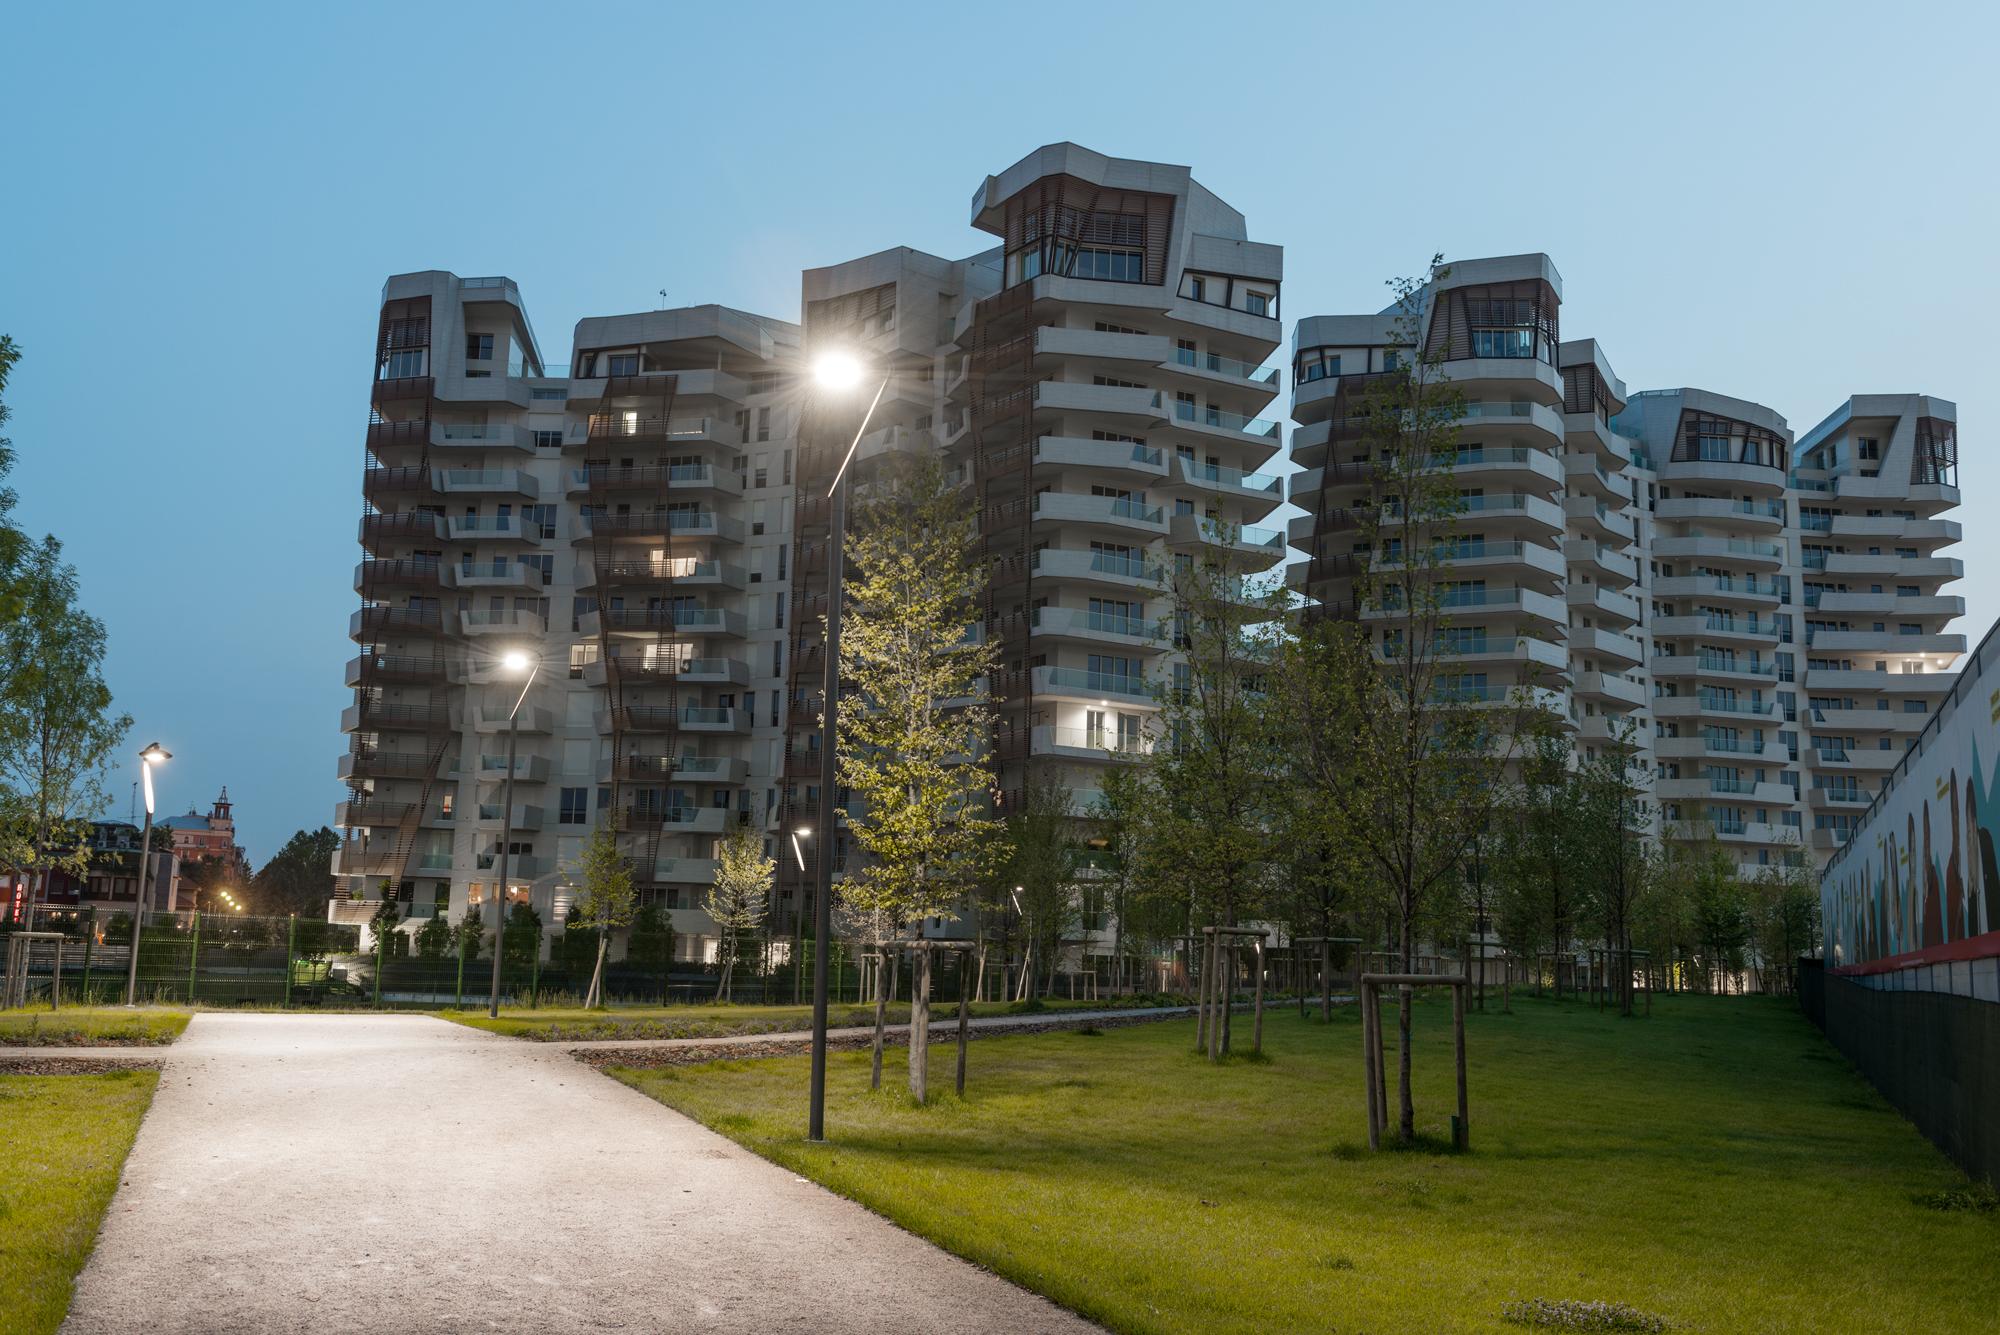 Case history luce per il parco urbano di city life a for Case a milano